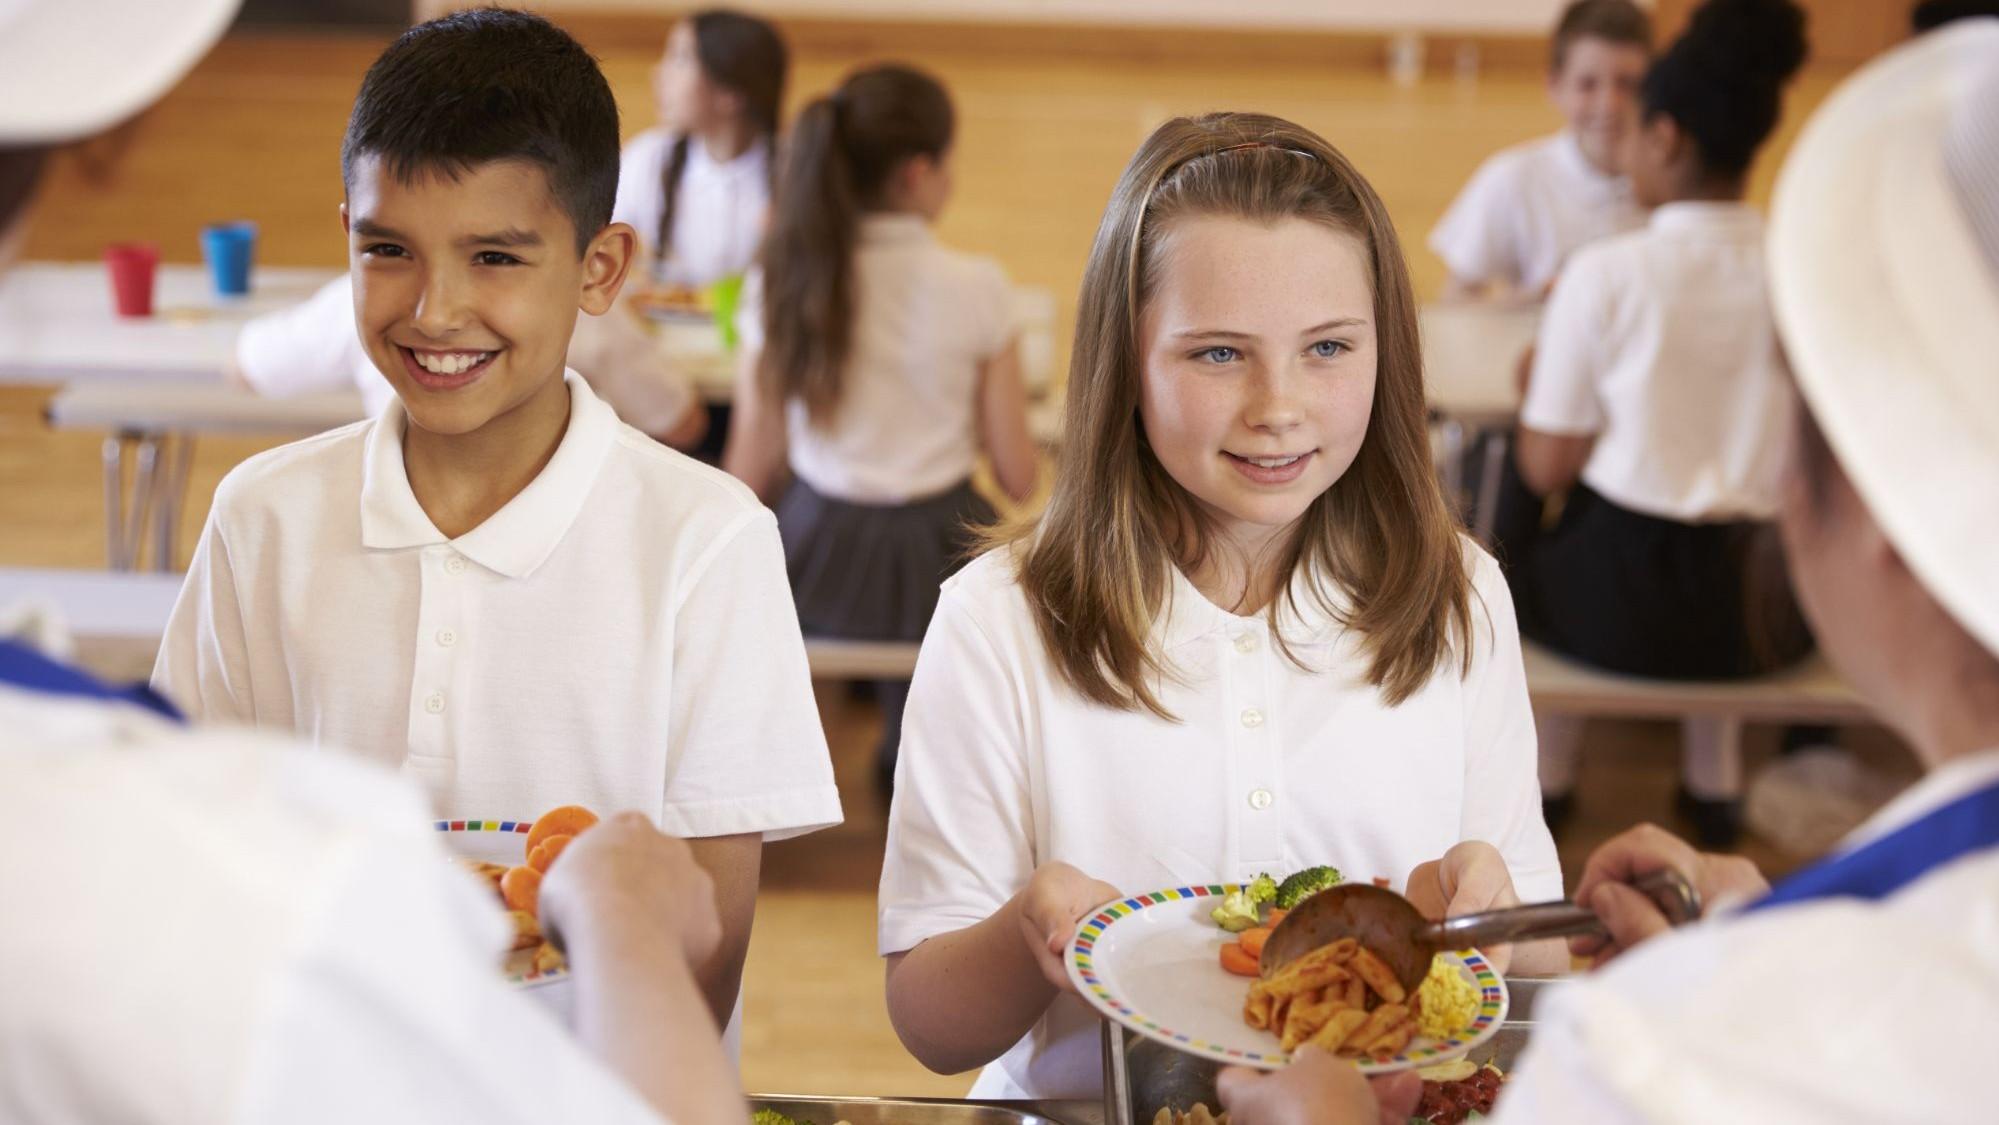 Représentation de la formation : COL04 - Concilier besoins et préférences alimentaires chez l'enfant